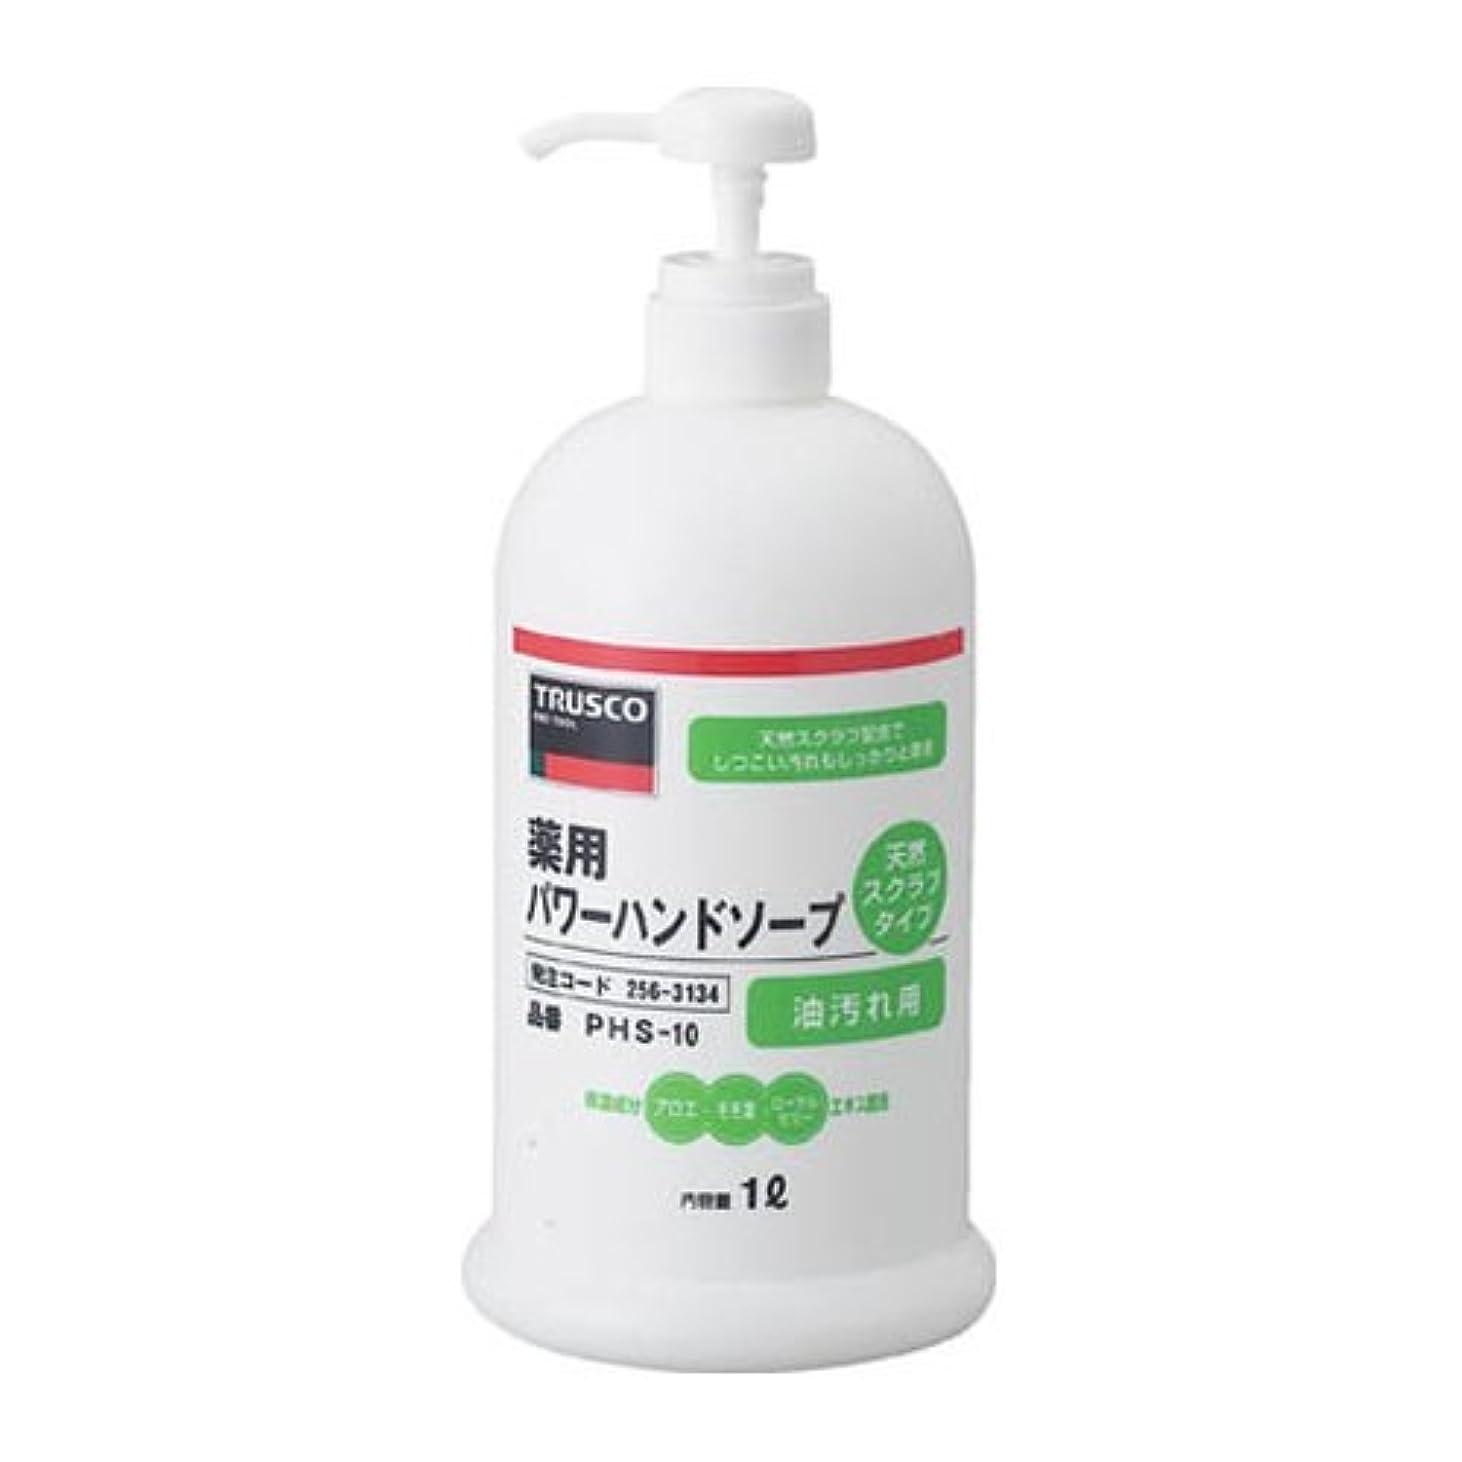 シットコム未亡人アクティブTRUSCO 薬用パワーハンドソープポンプボトル1.0L